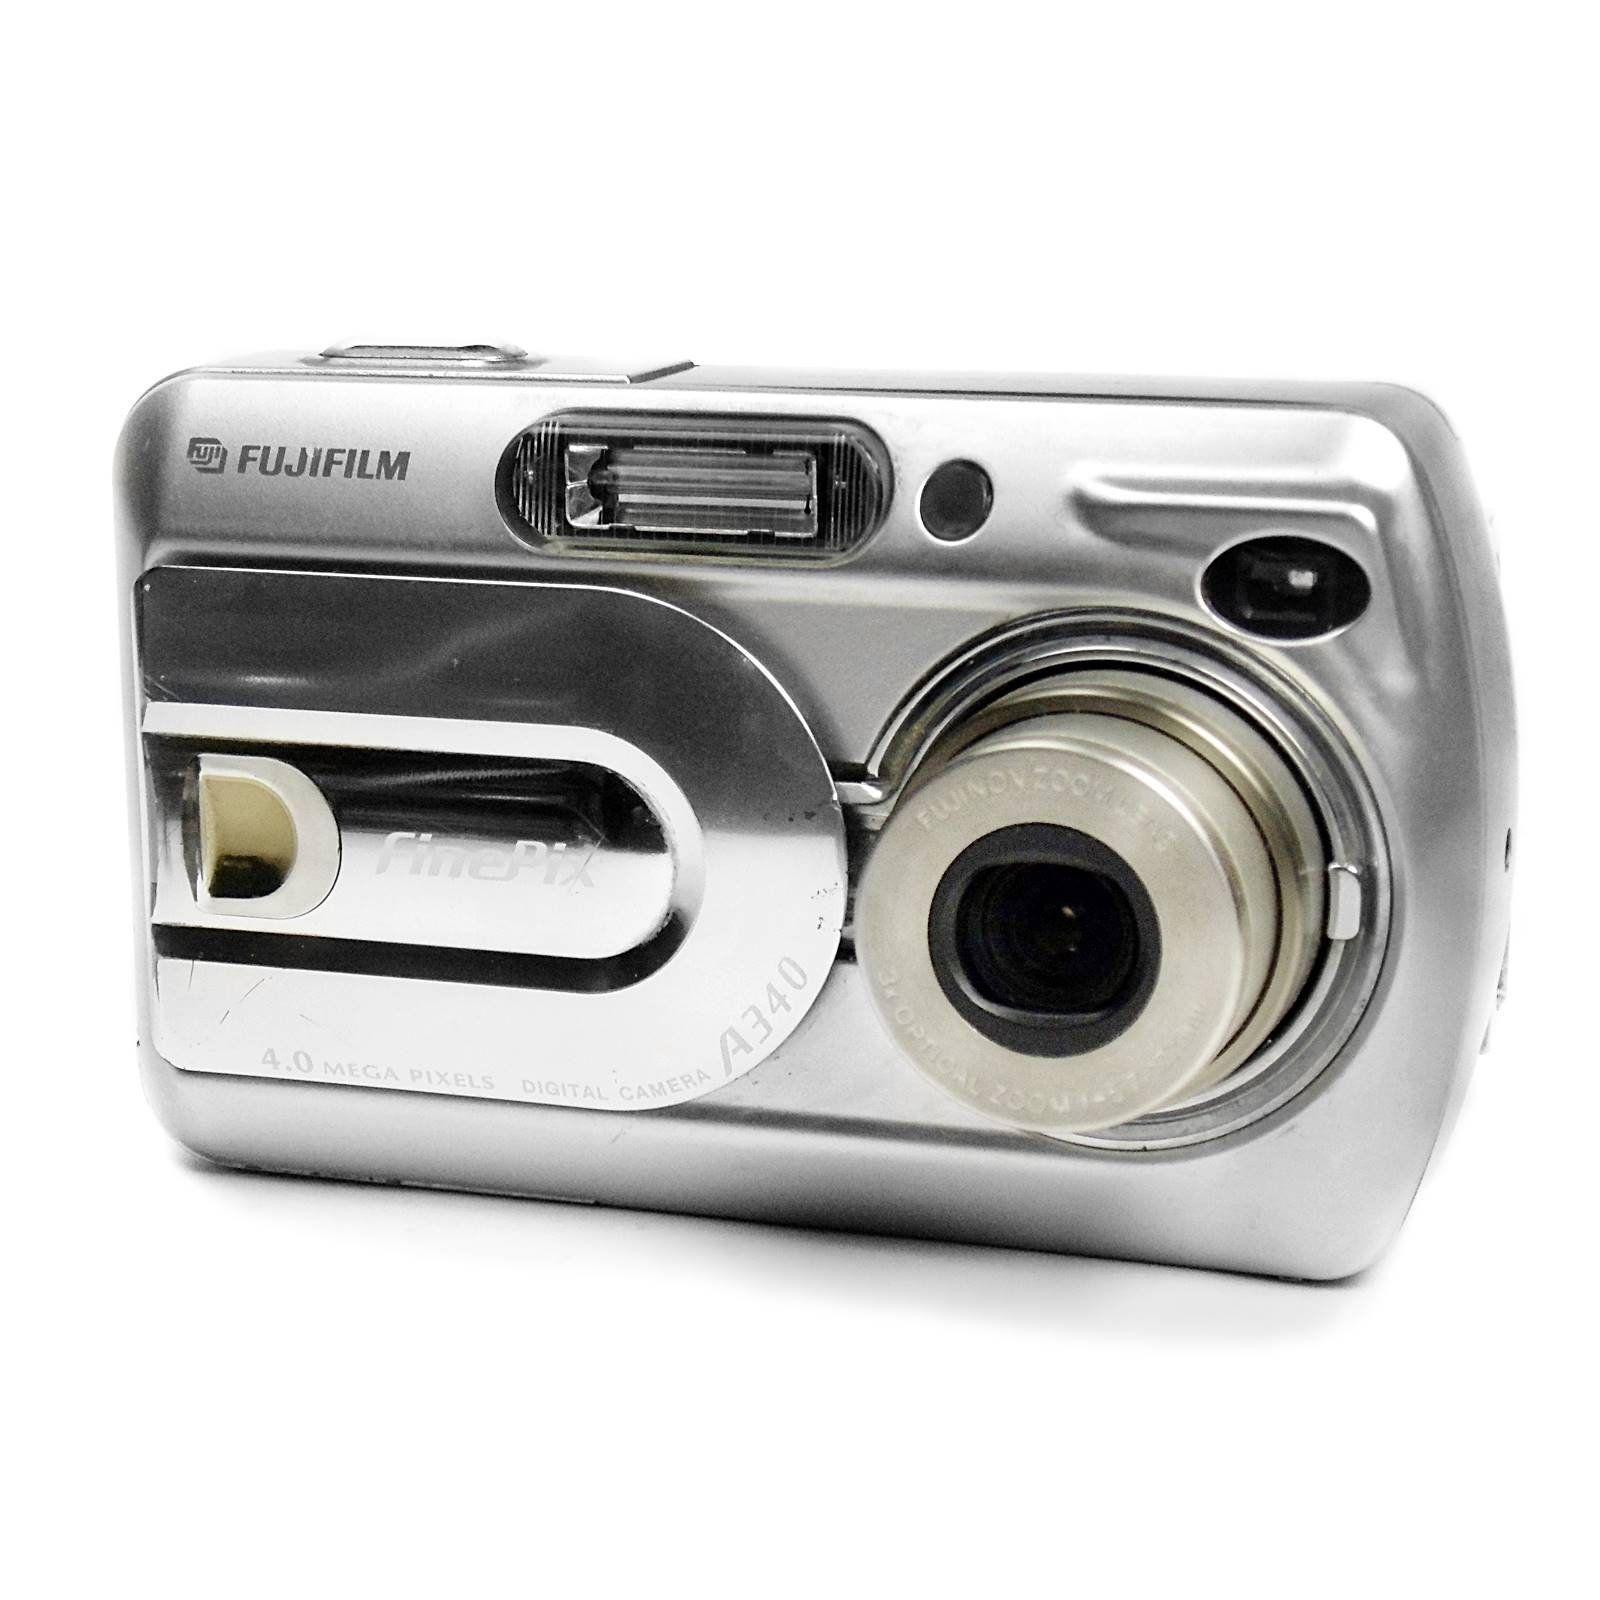 Compact Digital Camera Fujifilm Finepix A340 In Silver Etsy Digital Camera Compact Digital Camera Fujifilm Camera